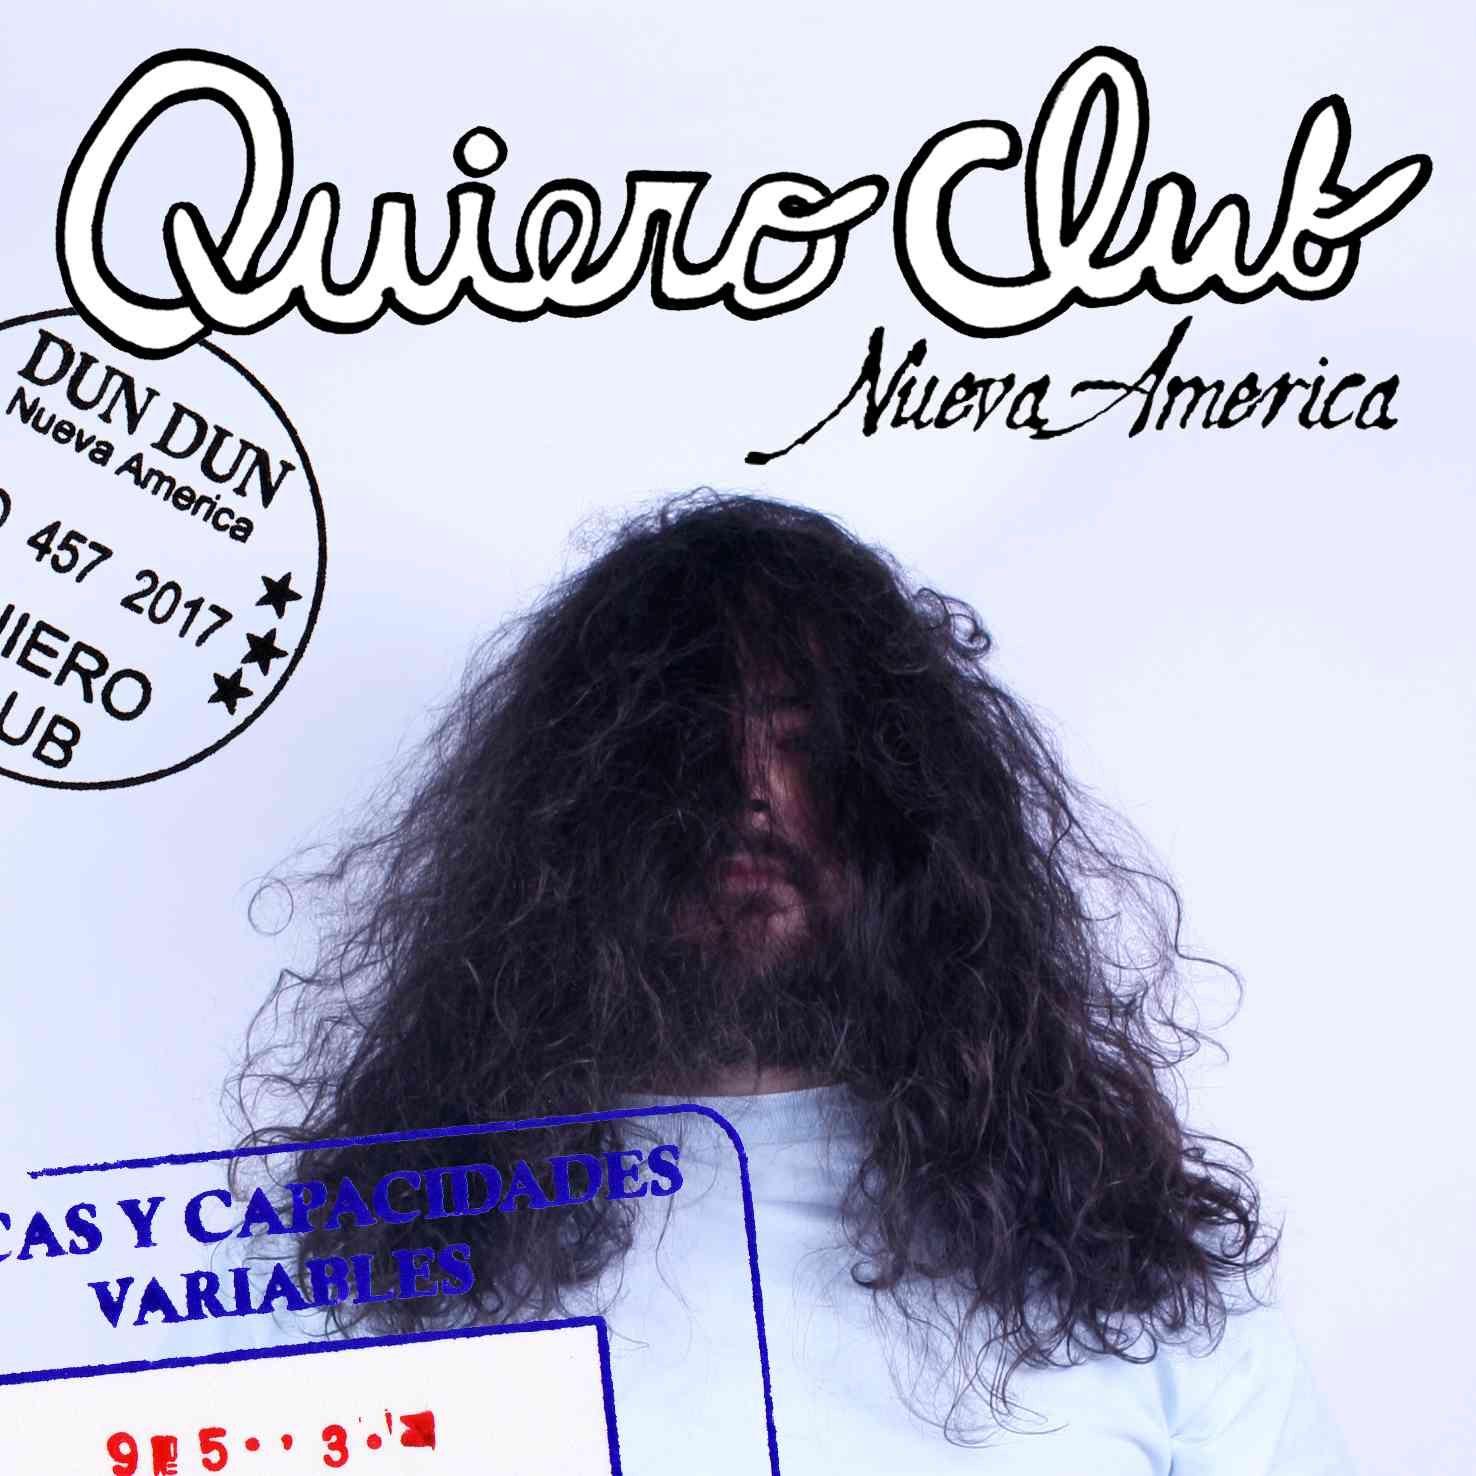 Nueva América por Quiero Club